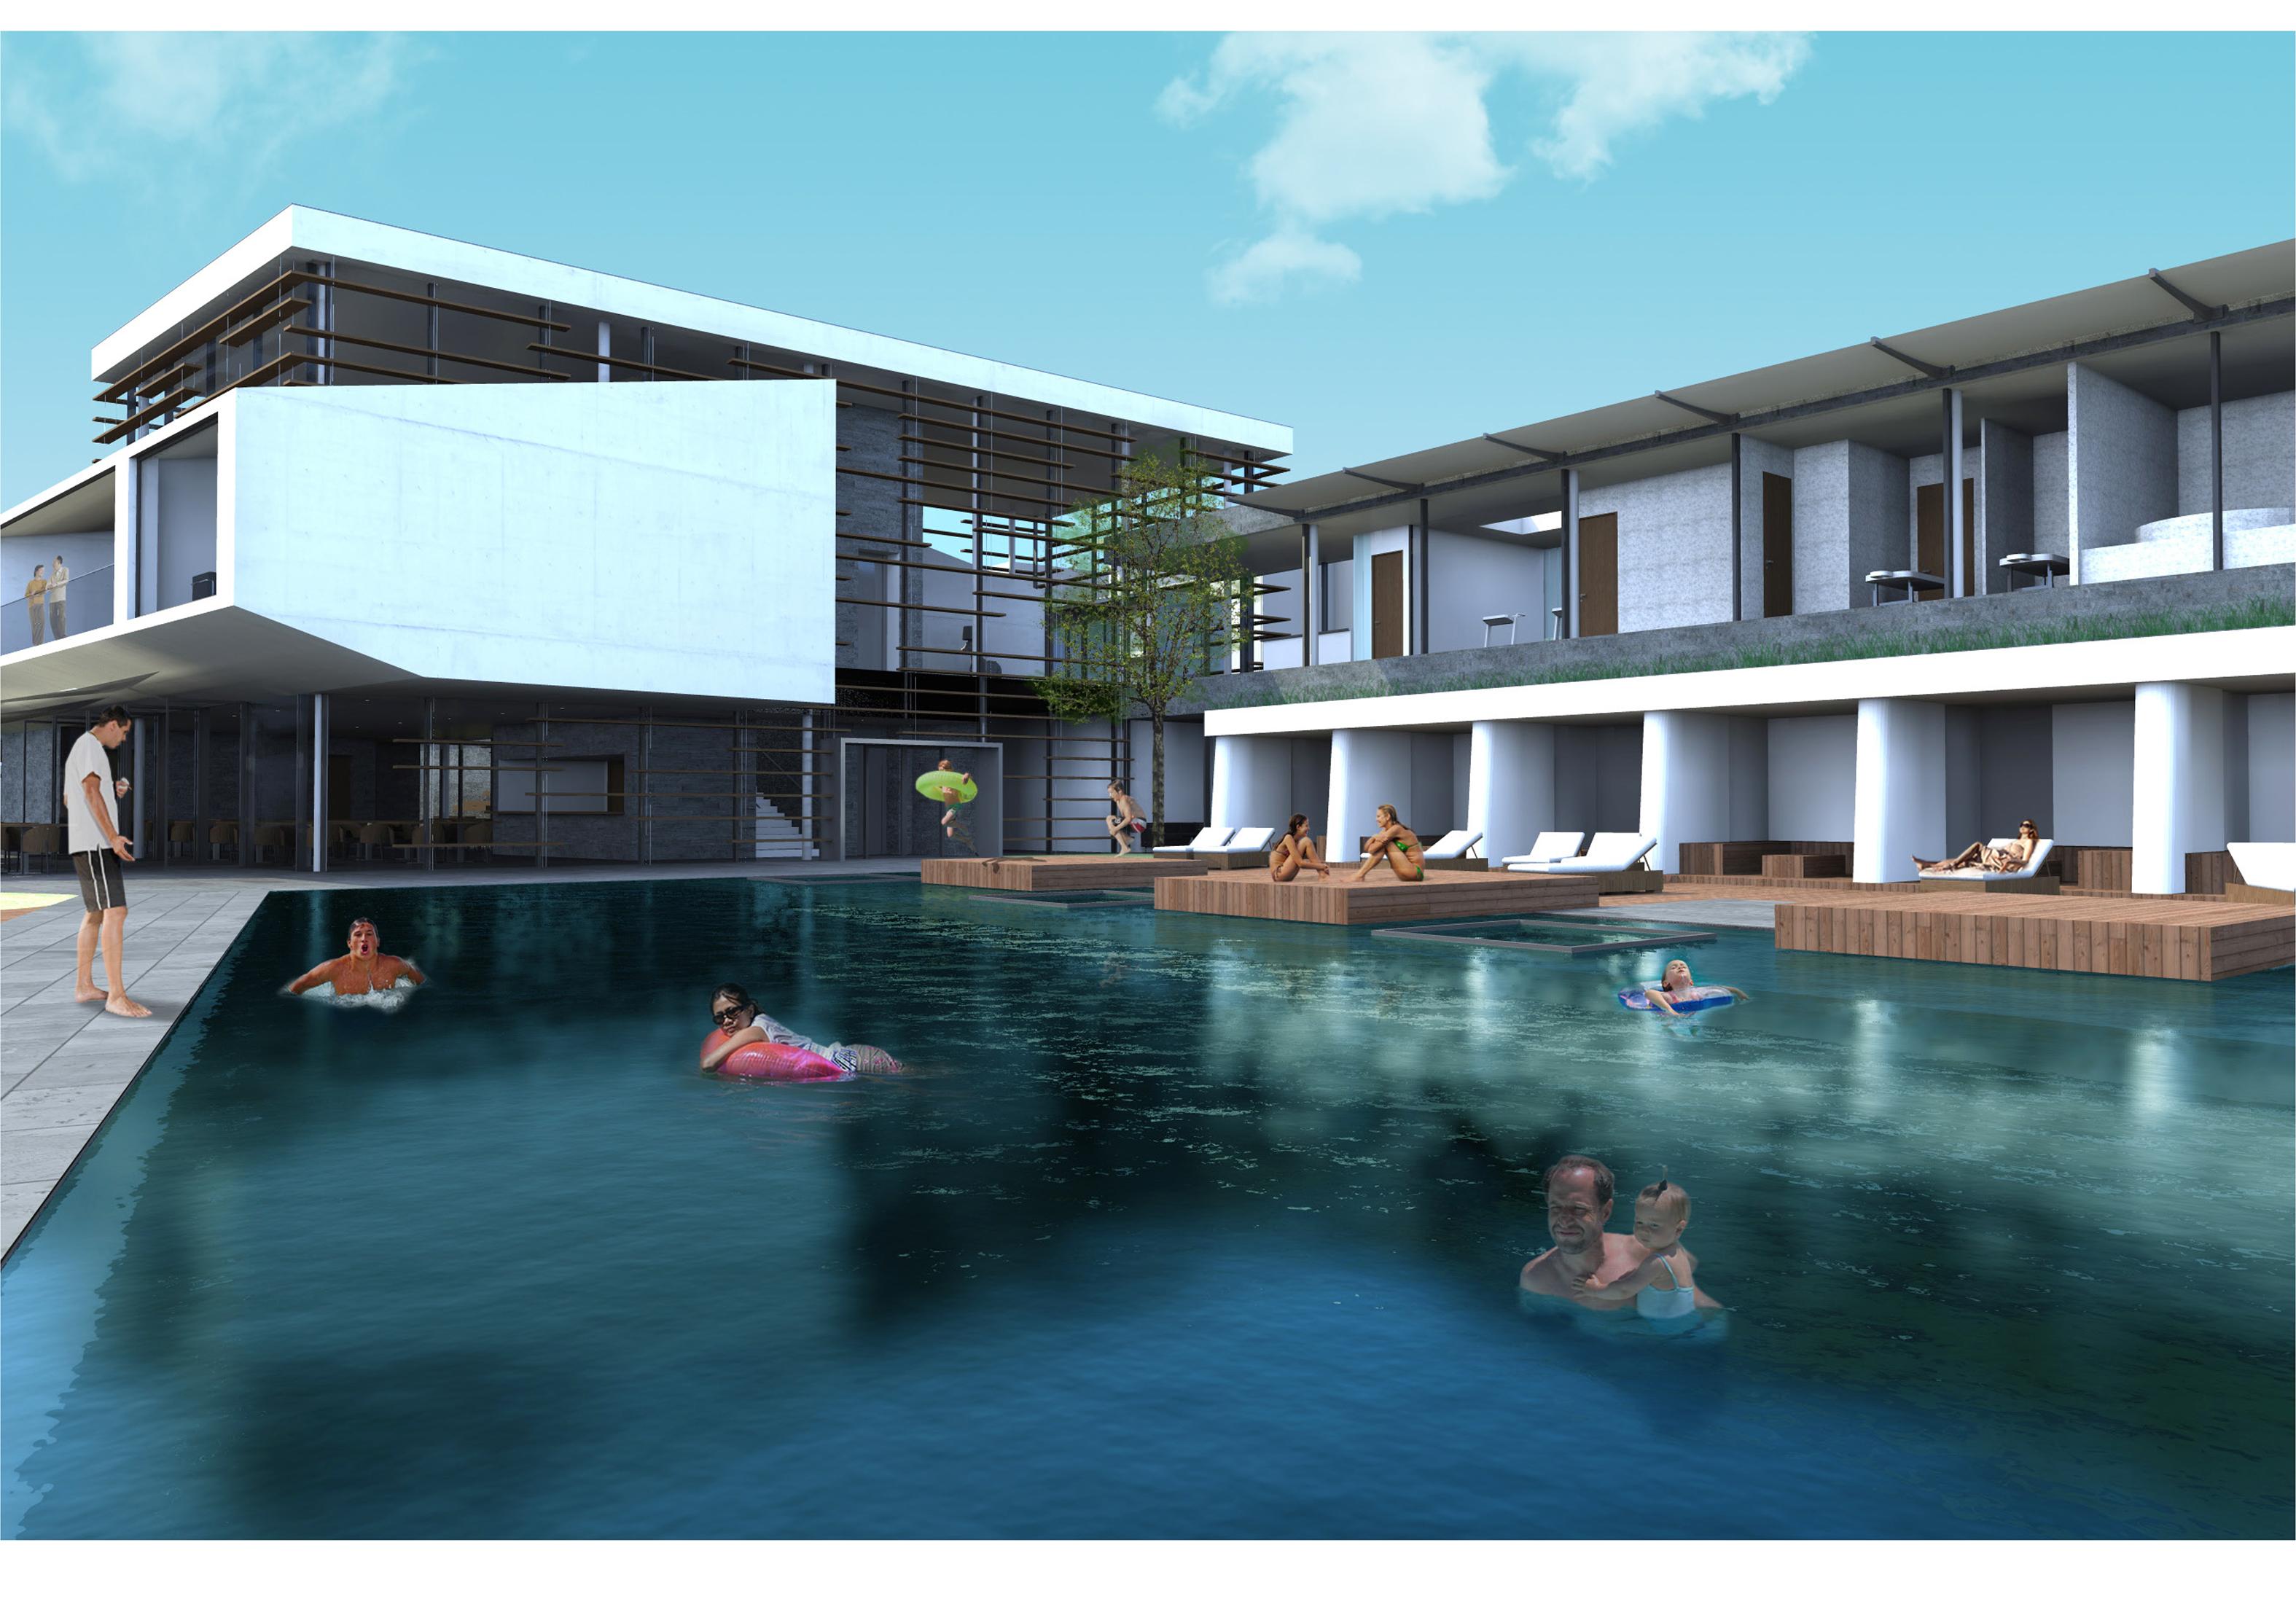 Piscine de foncillon royan 17 atelier d 39 architecture for Construction piscine royan